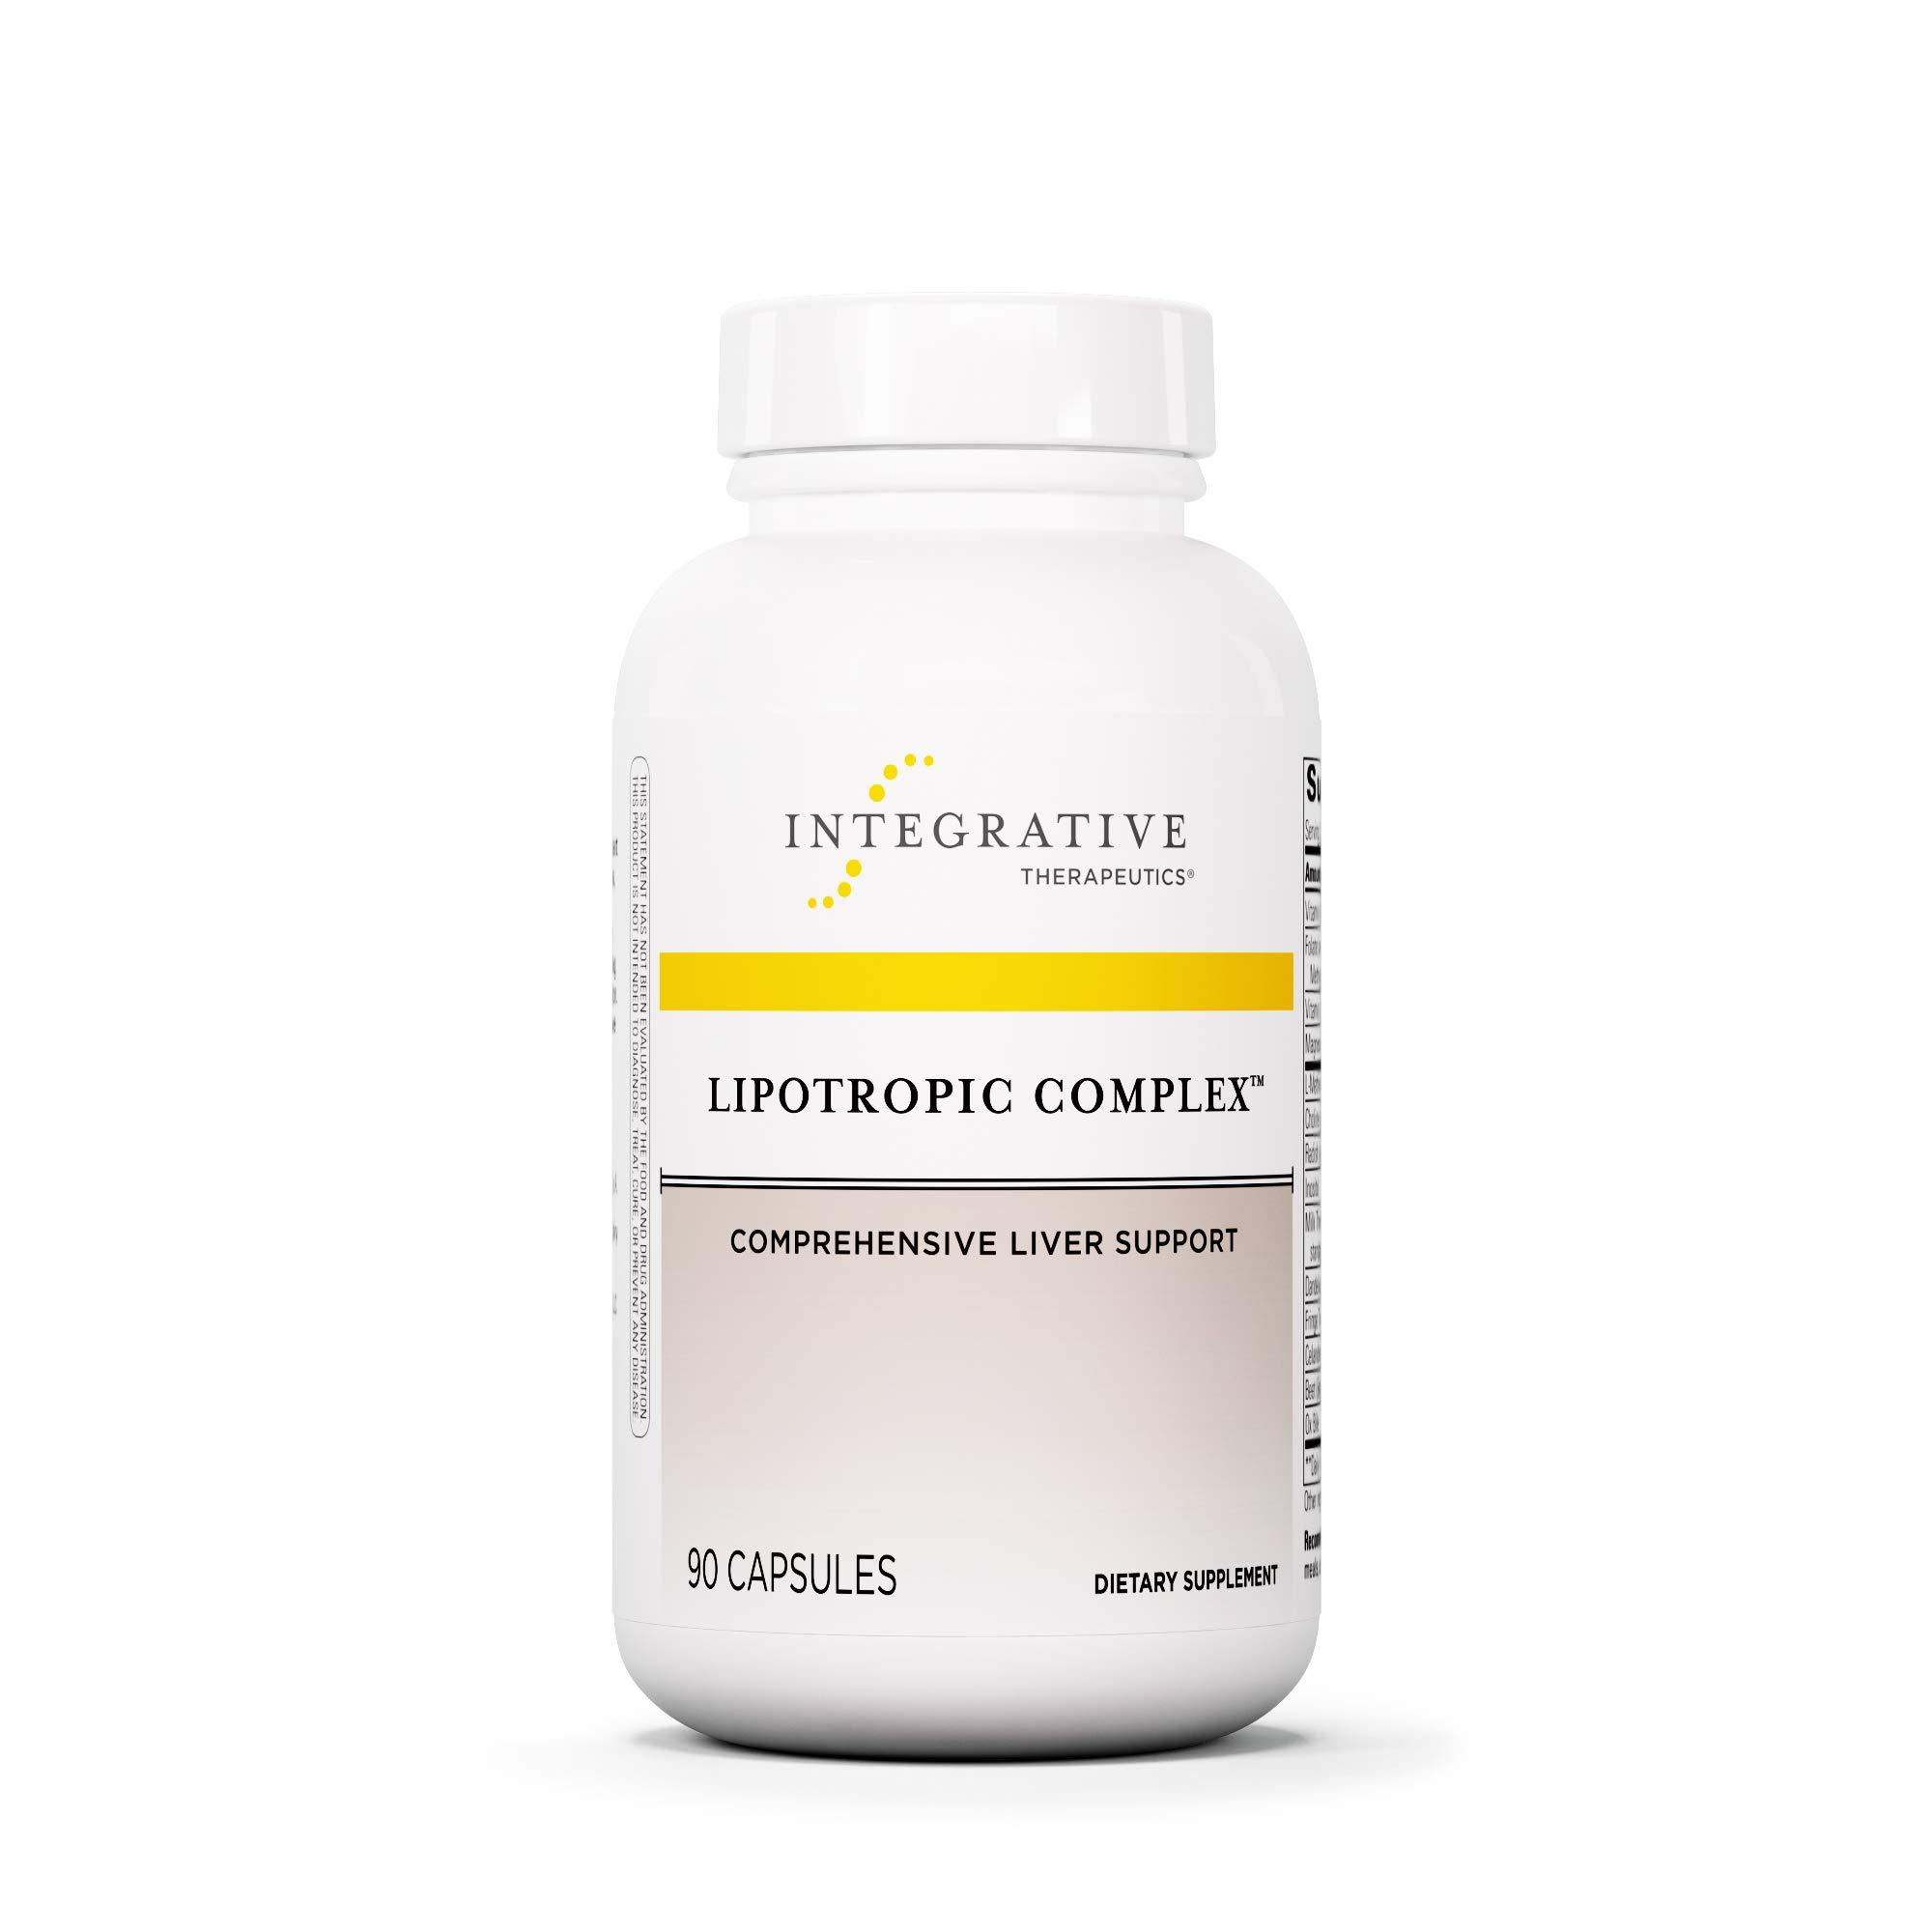 Integrative Therapeutics - Lipotropic Complex - Comprehensive Liver Support - 90 Capsules by Integrative Therapeutics